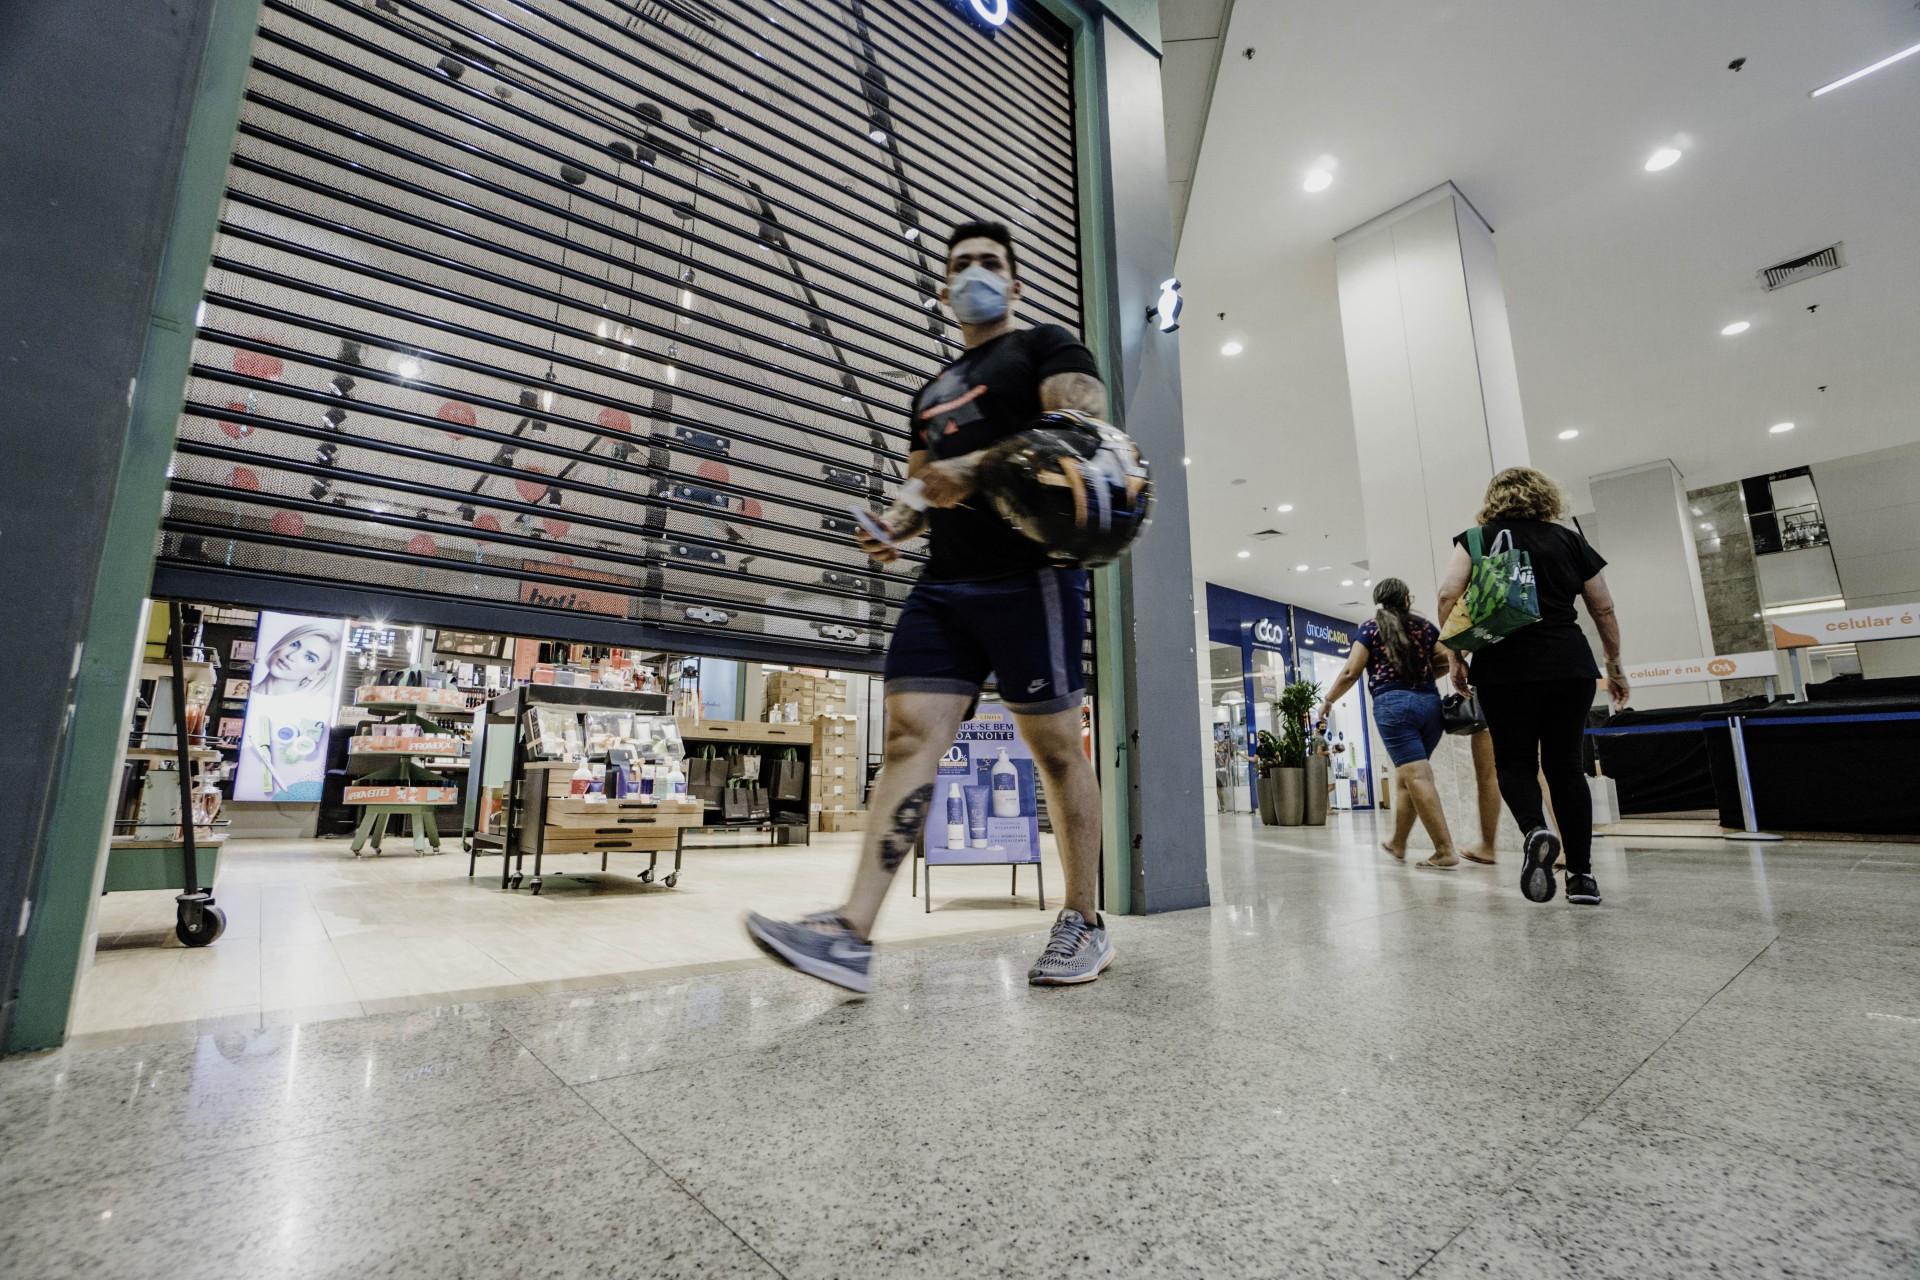 FECHAMENTO do comércio nos shoppings centers de Fortaleza aos fins de semana passa a ser às 17 horas até 28 de fevereiro (Foto: JÚLIO CAESAR)